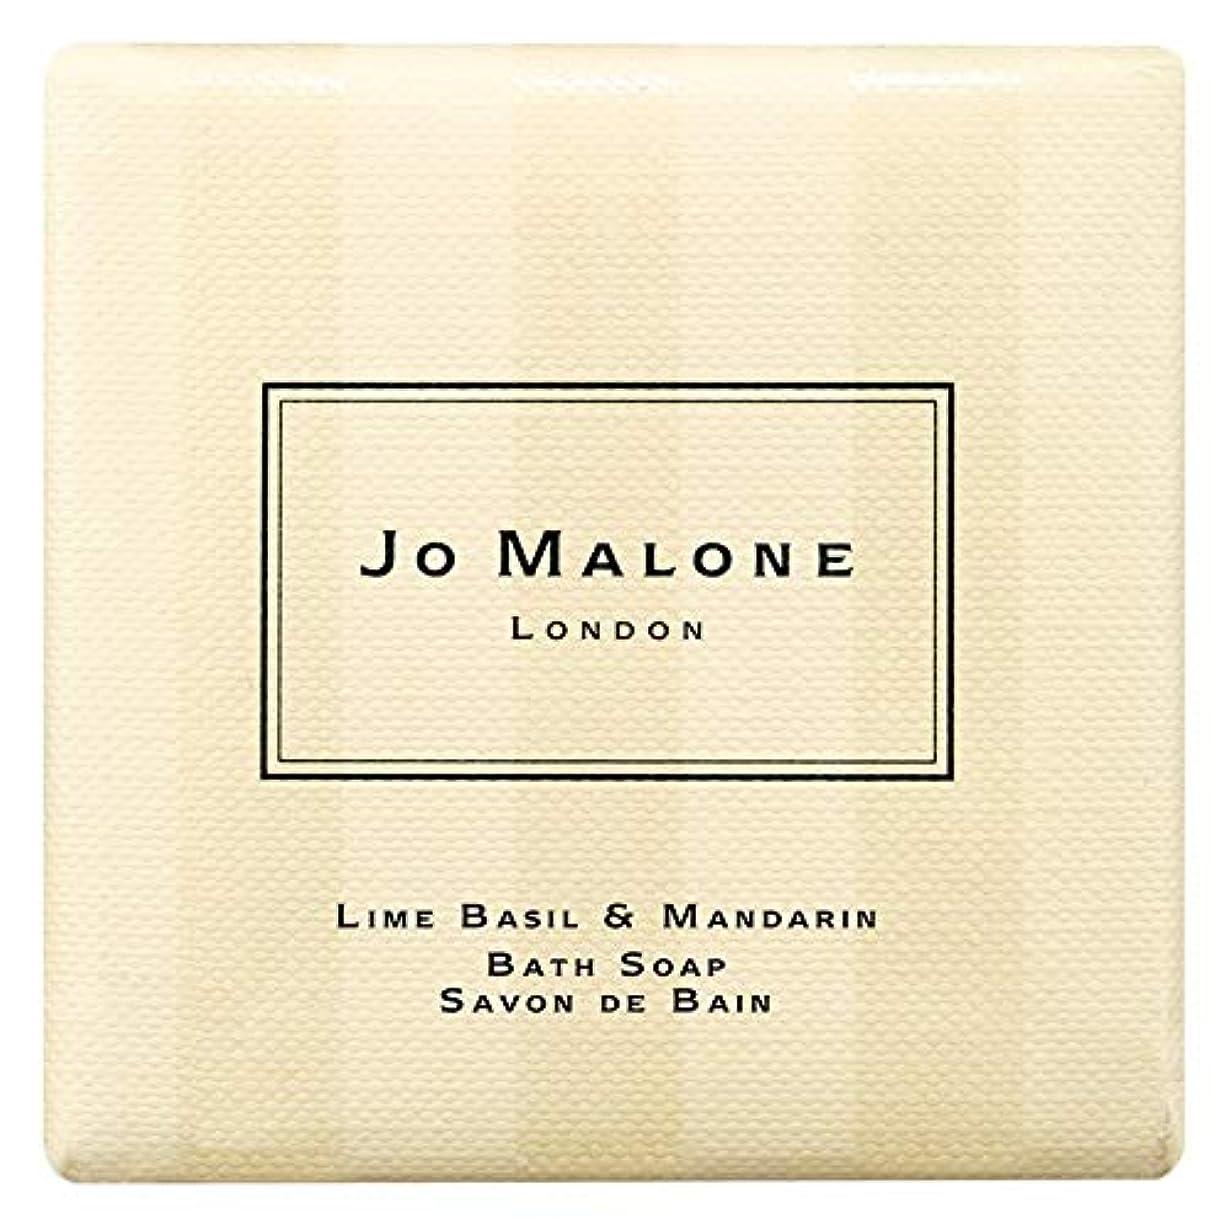 債務三十大工[Jo Malone] ジョーマローンロンドンライムバジル&マンダリンお風呂の石鹸100グラム - Jo Malone London Lime Basil & Mandarin Bath Soap 100g [並行輸入品]